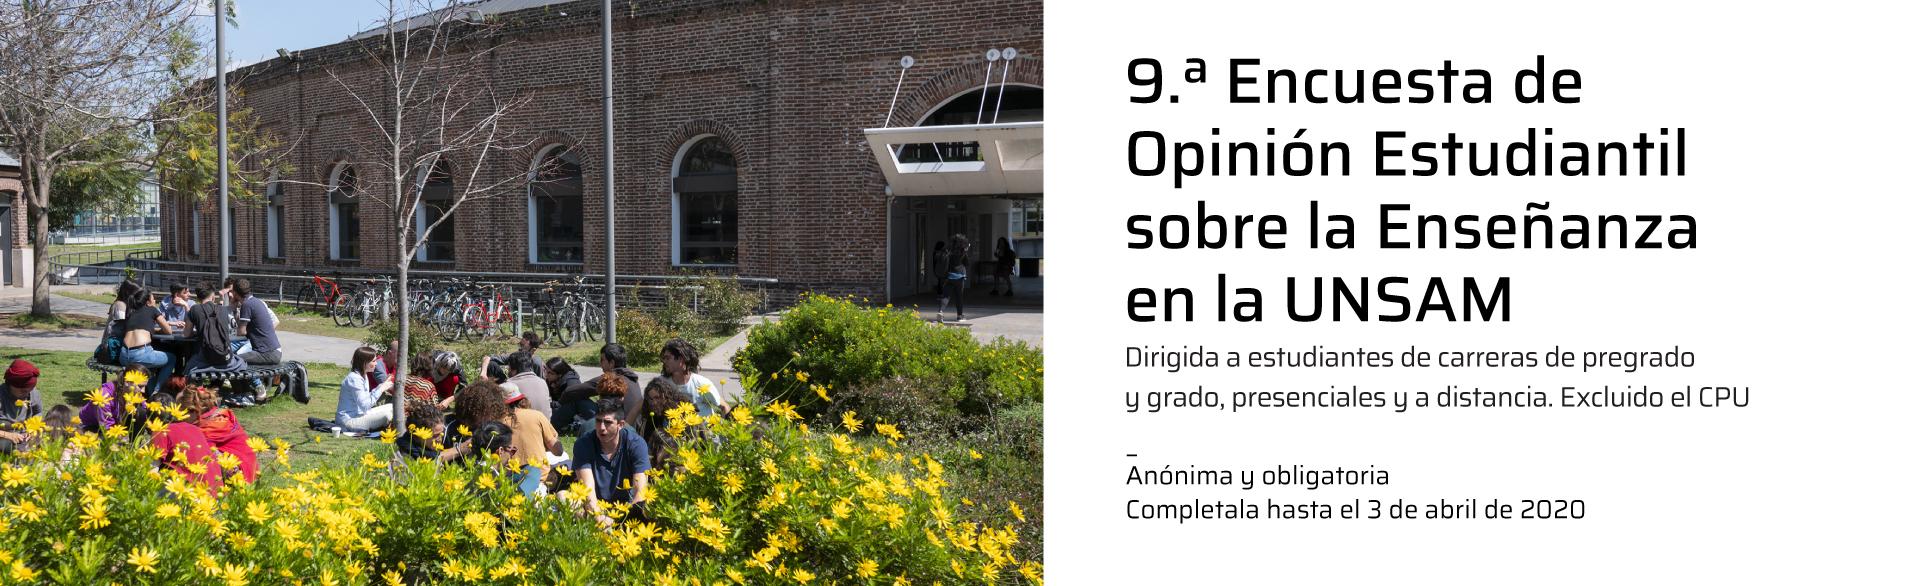 9.ª Encuesta de Opinión Estudiantil